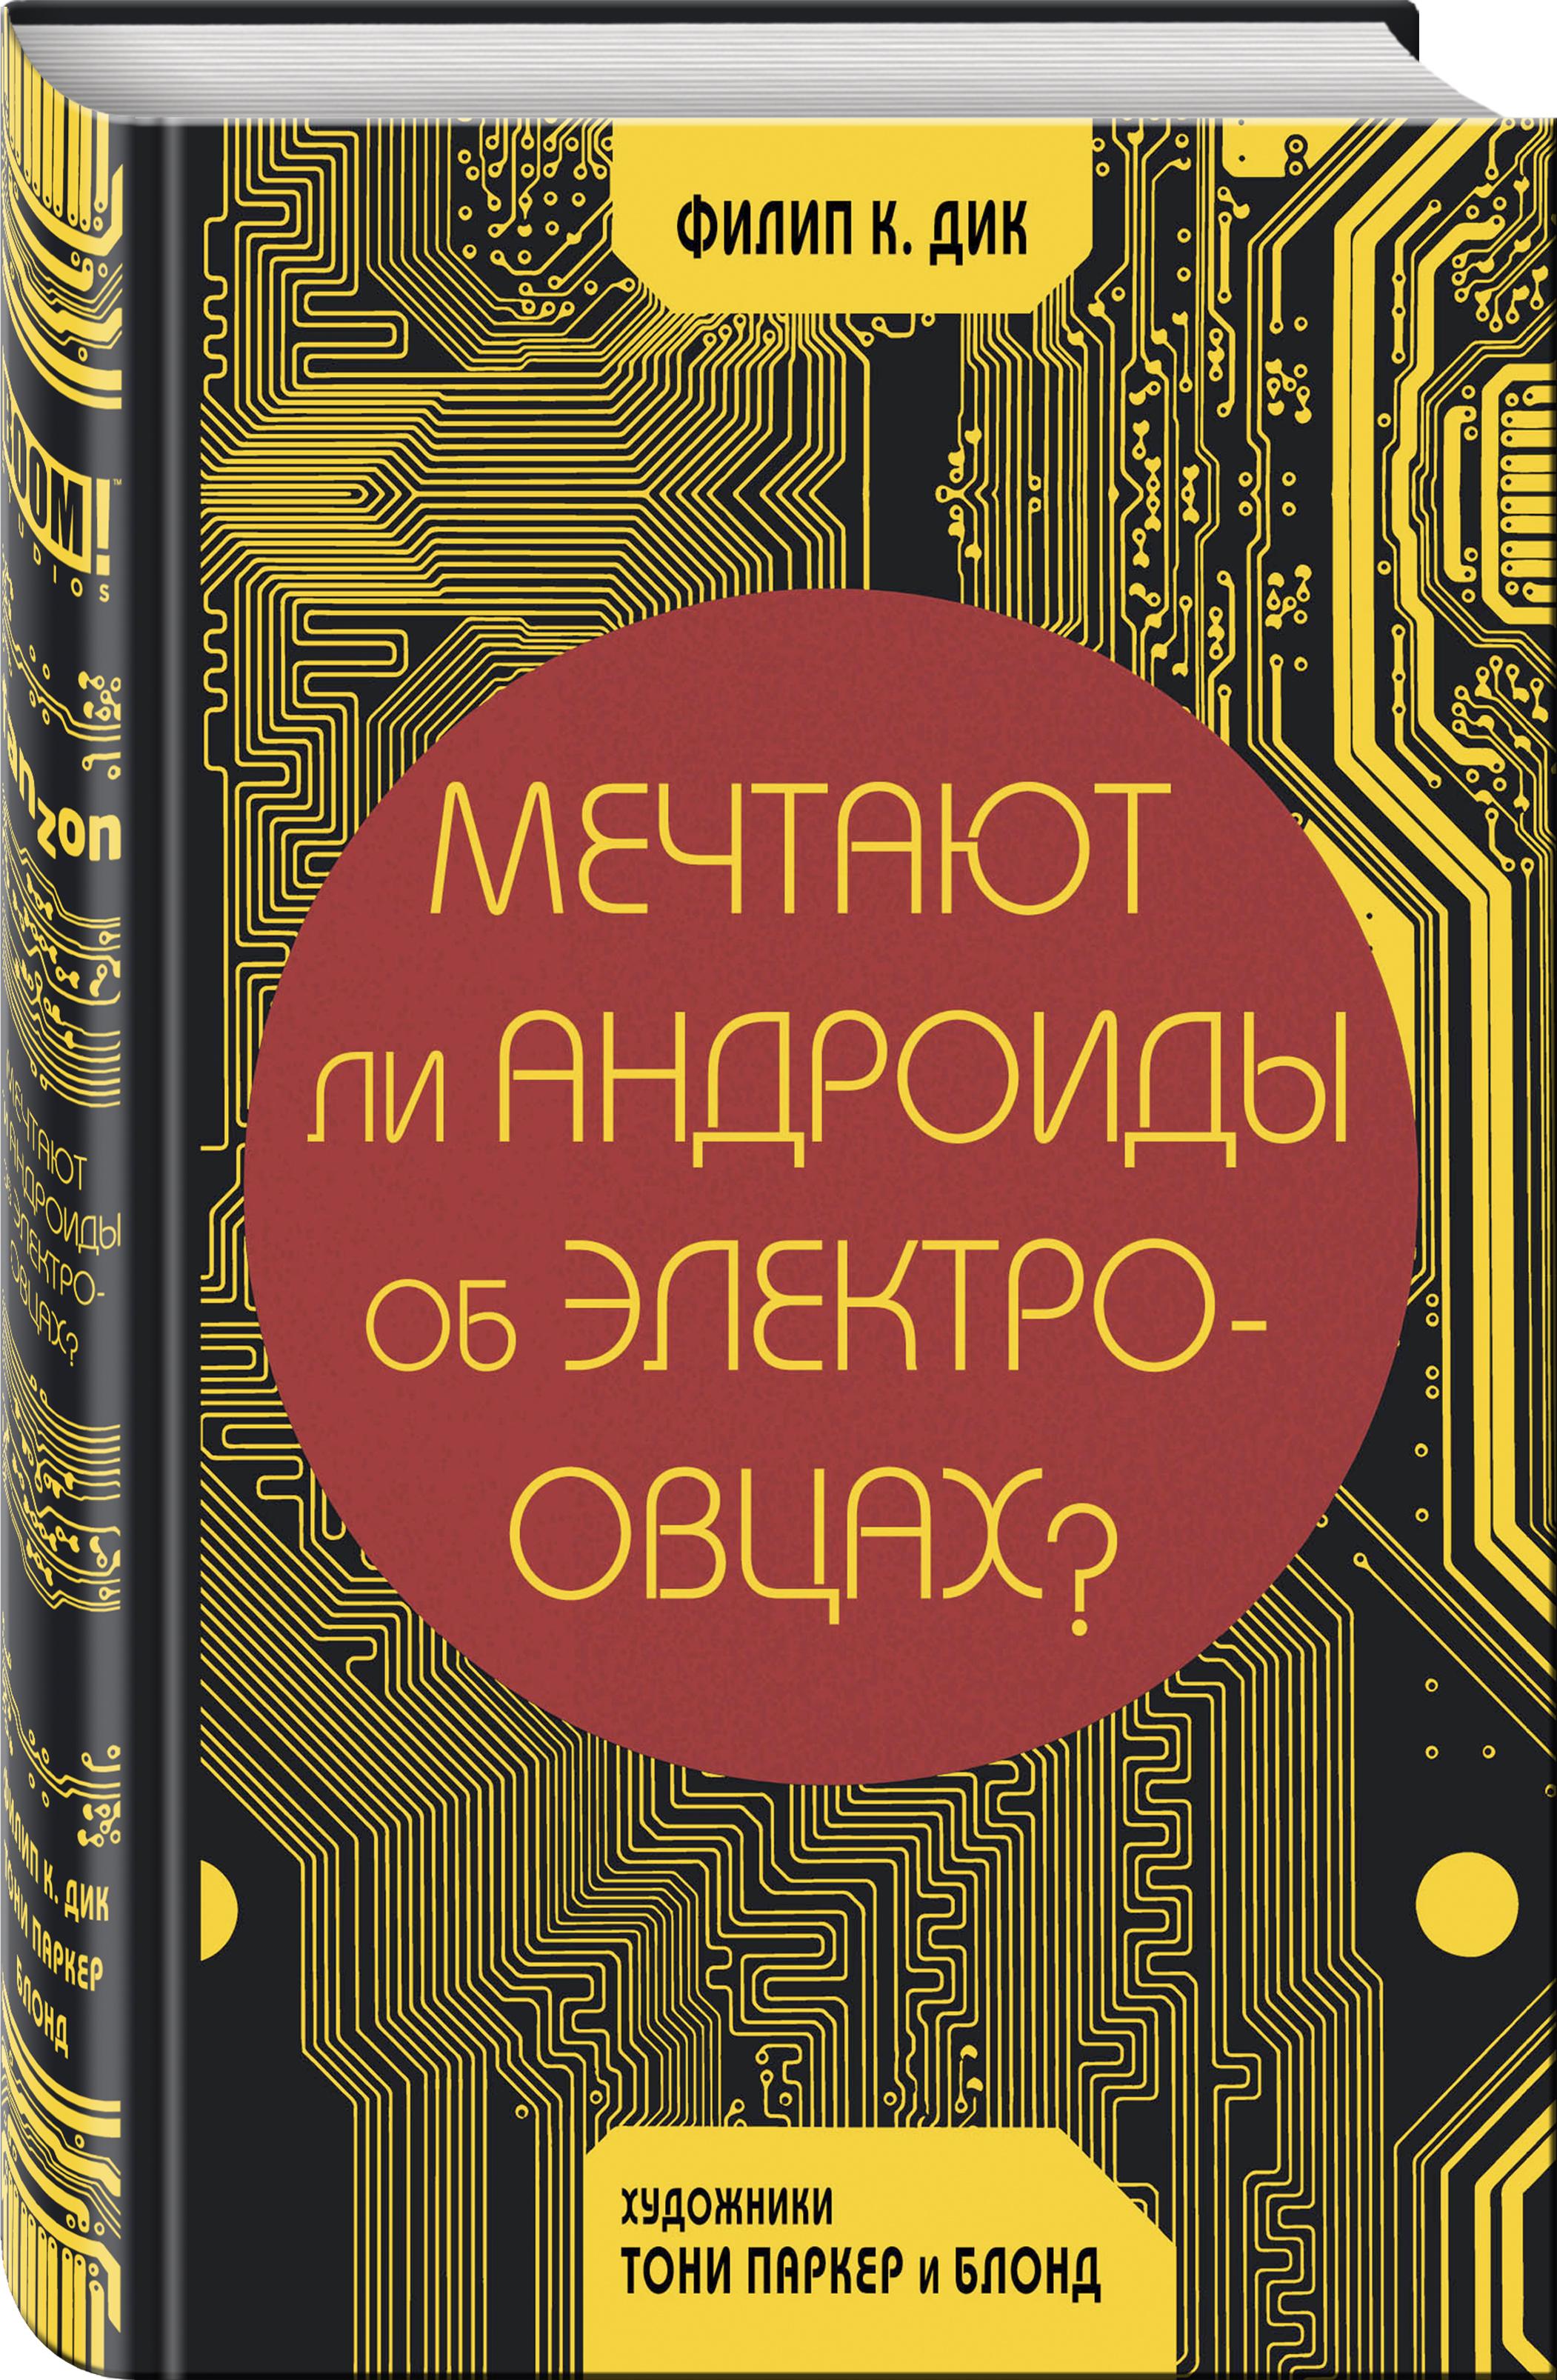 Филип К. Дик, Тони Паркер, Блонд Мечтают ли андроиды об электроовцах? тим вандерер найти и уничтожить